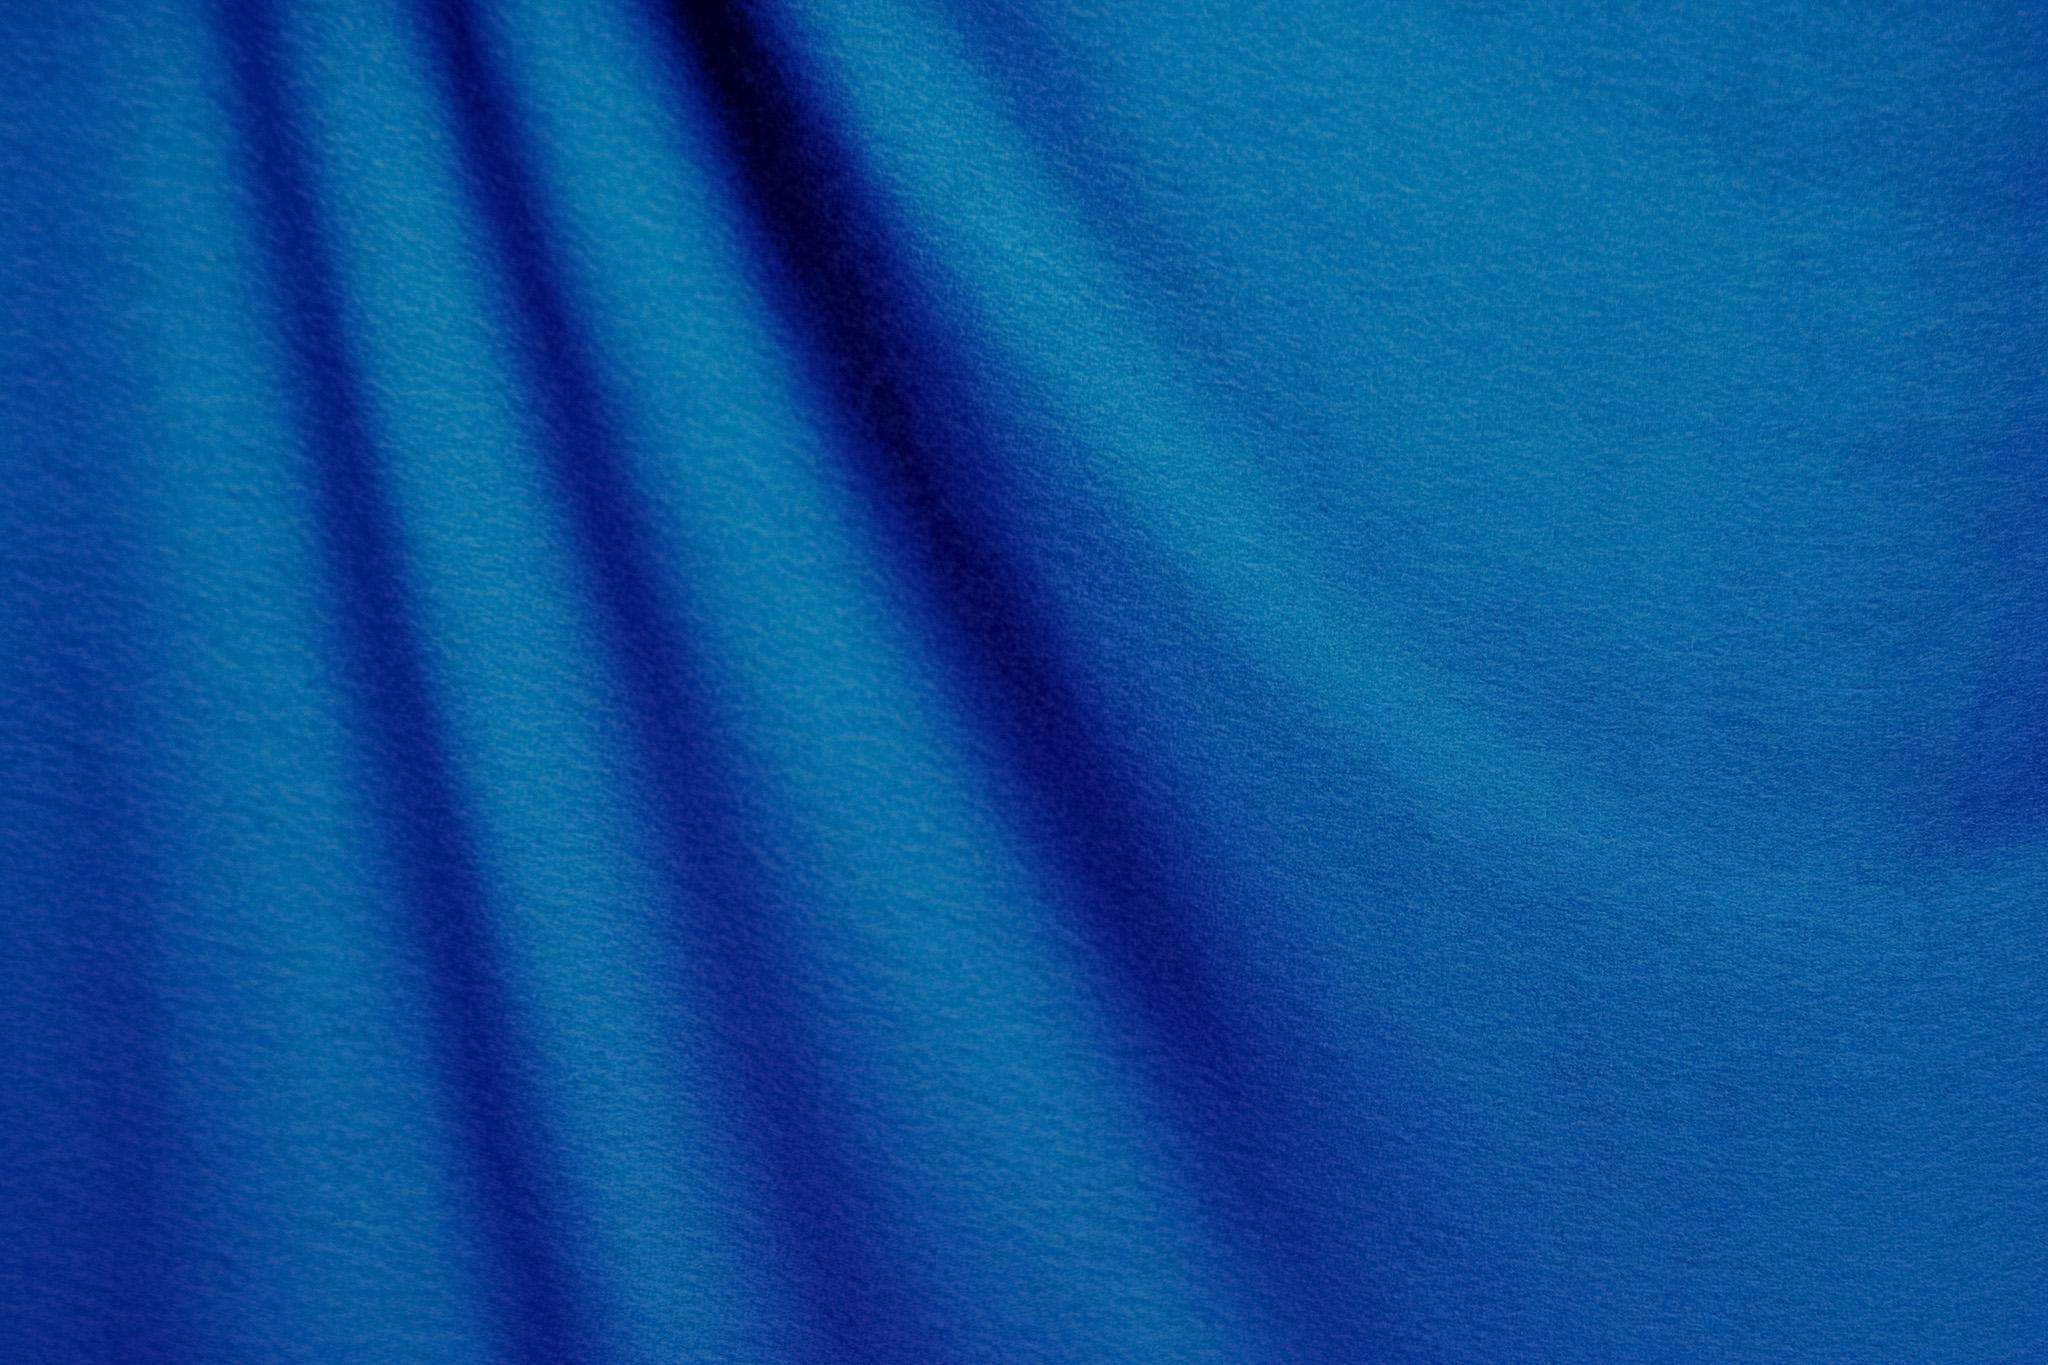 「青く柔らかな布の素材」